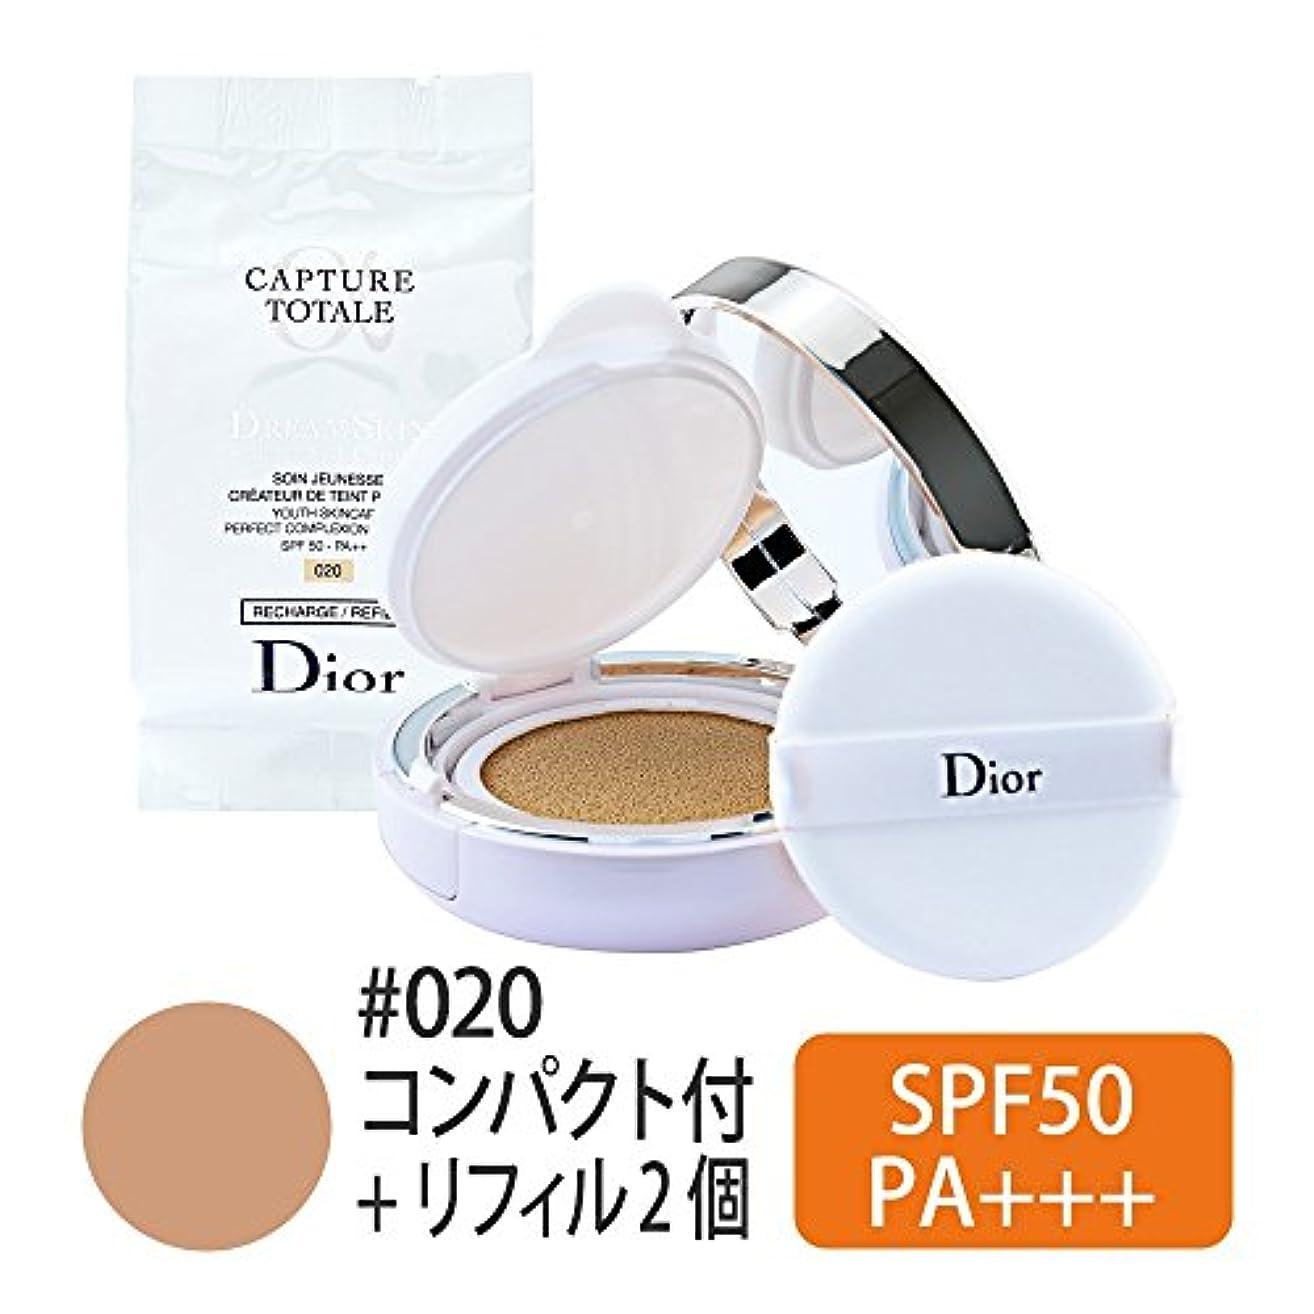 苦難感じる研究Christian Dior クリスチャン ディオール カプチュール トータル ドリーム スキン クッション #020 SPF50-PA+++ 15g x 2 [並行輸入品]